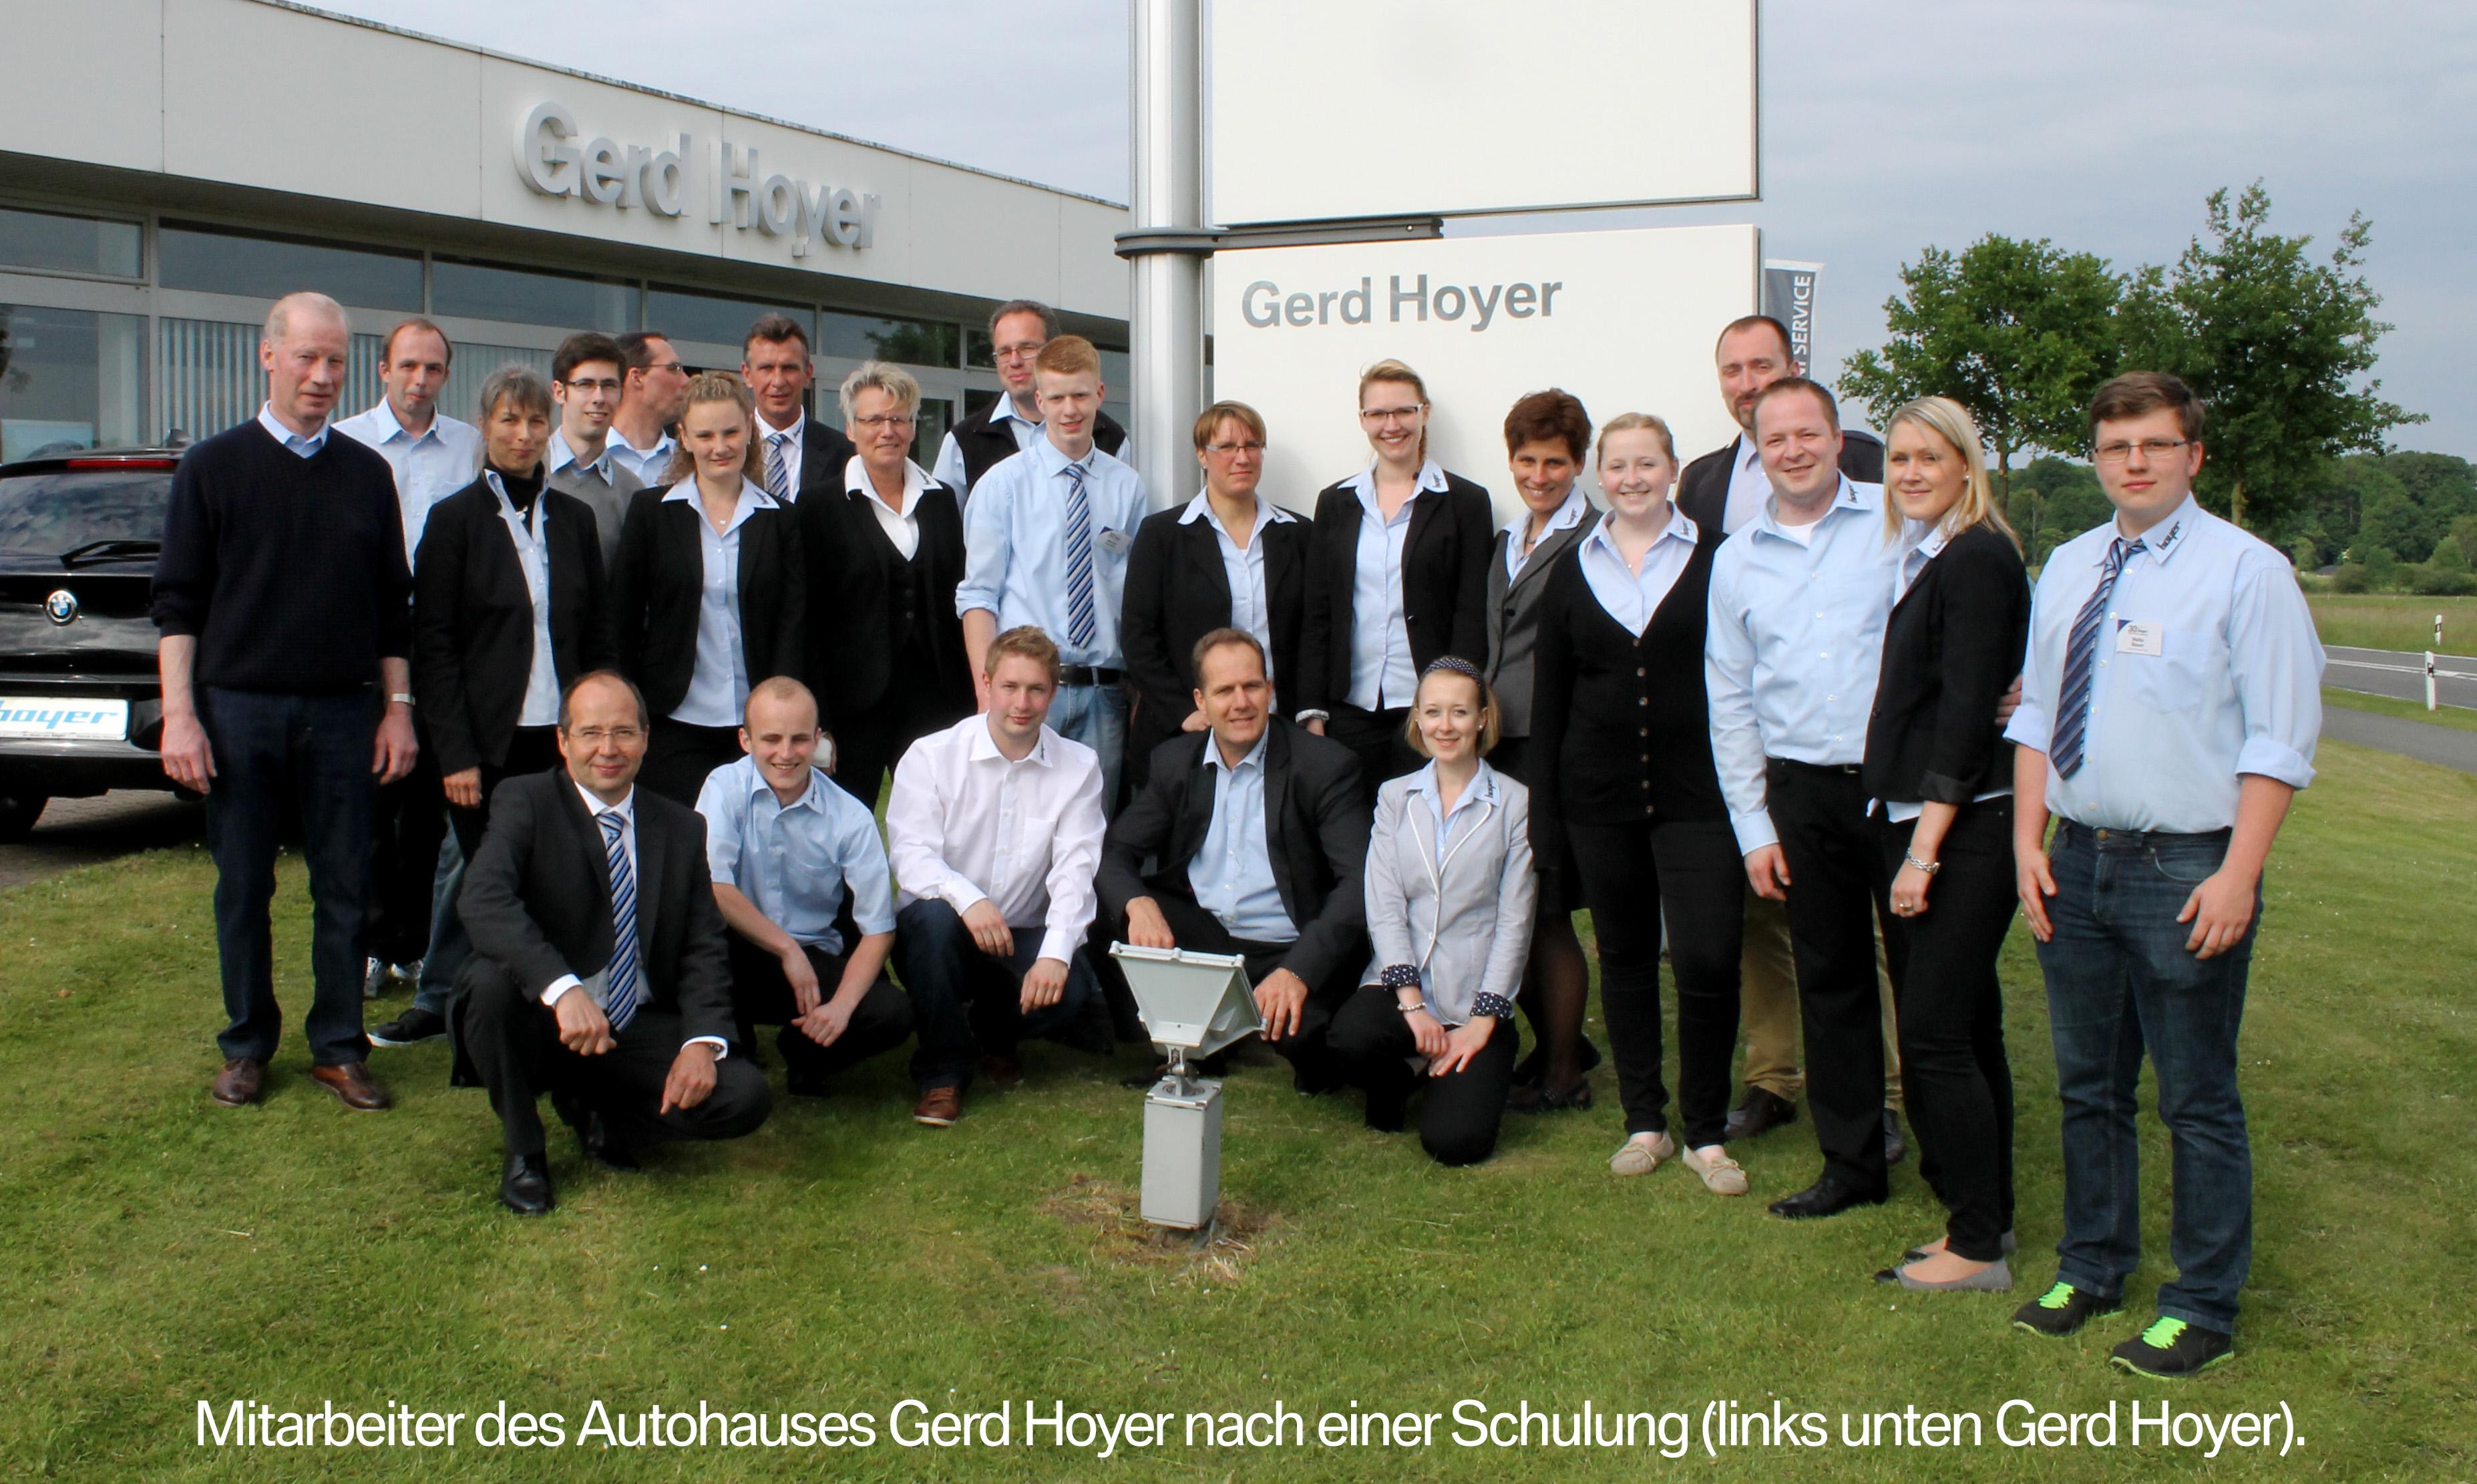 Autohaus Gerd Hoyer seit 30 Jahren im Walsroder Gewerbegebiet